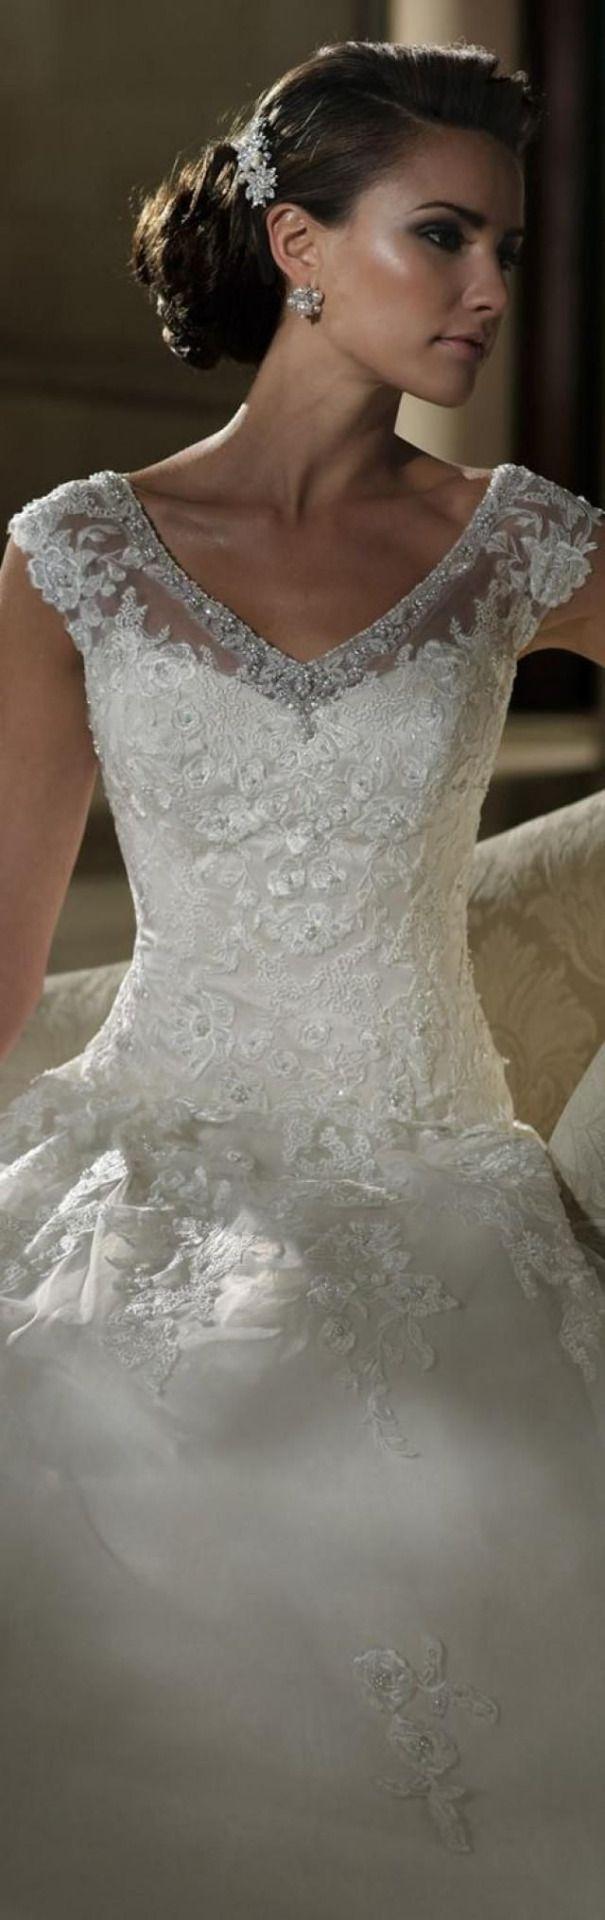 robes mariage longue pas cher photo 178 et plus encore sur www.robe2mariage.eu